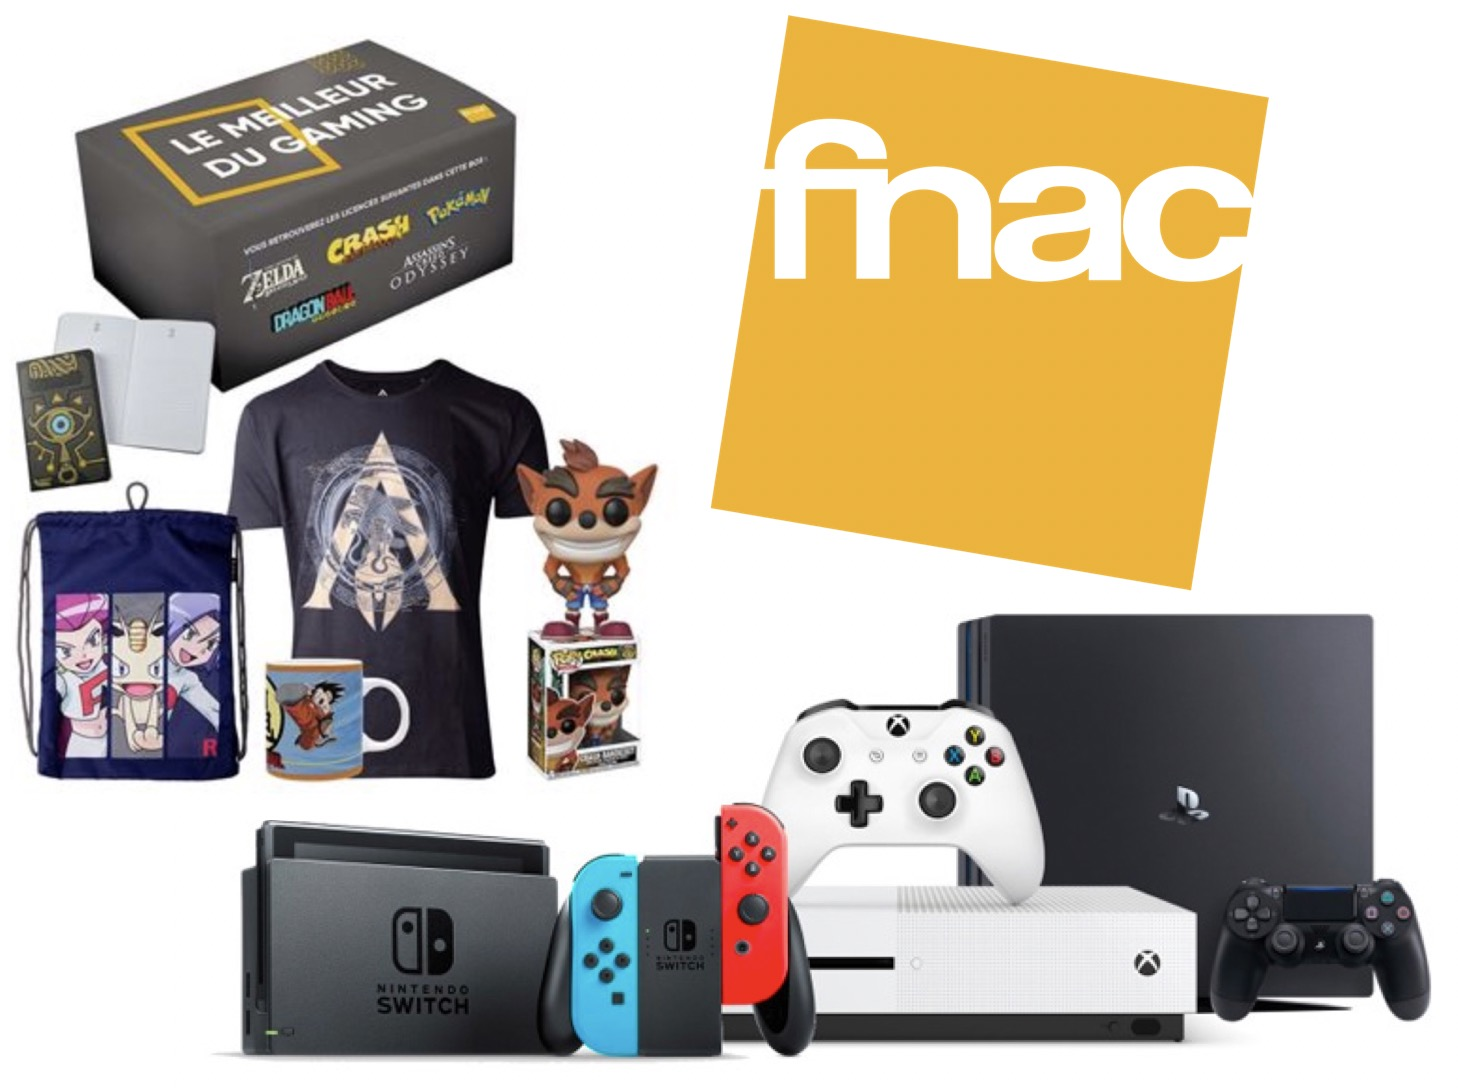 Code promo Fnac : Une Box Cadeaux Gaming offerte pour l'achat d'une console PS4, Xbox One ou Nintendo Switch